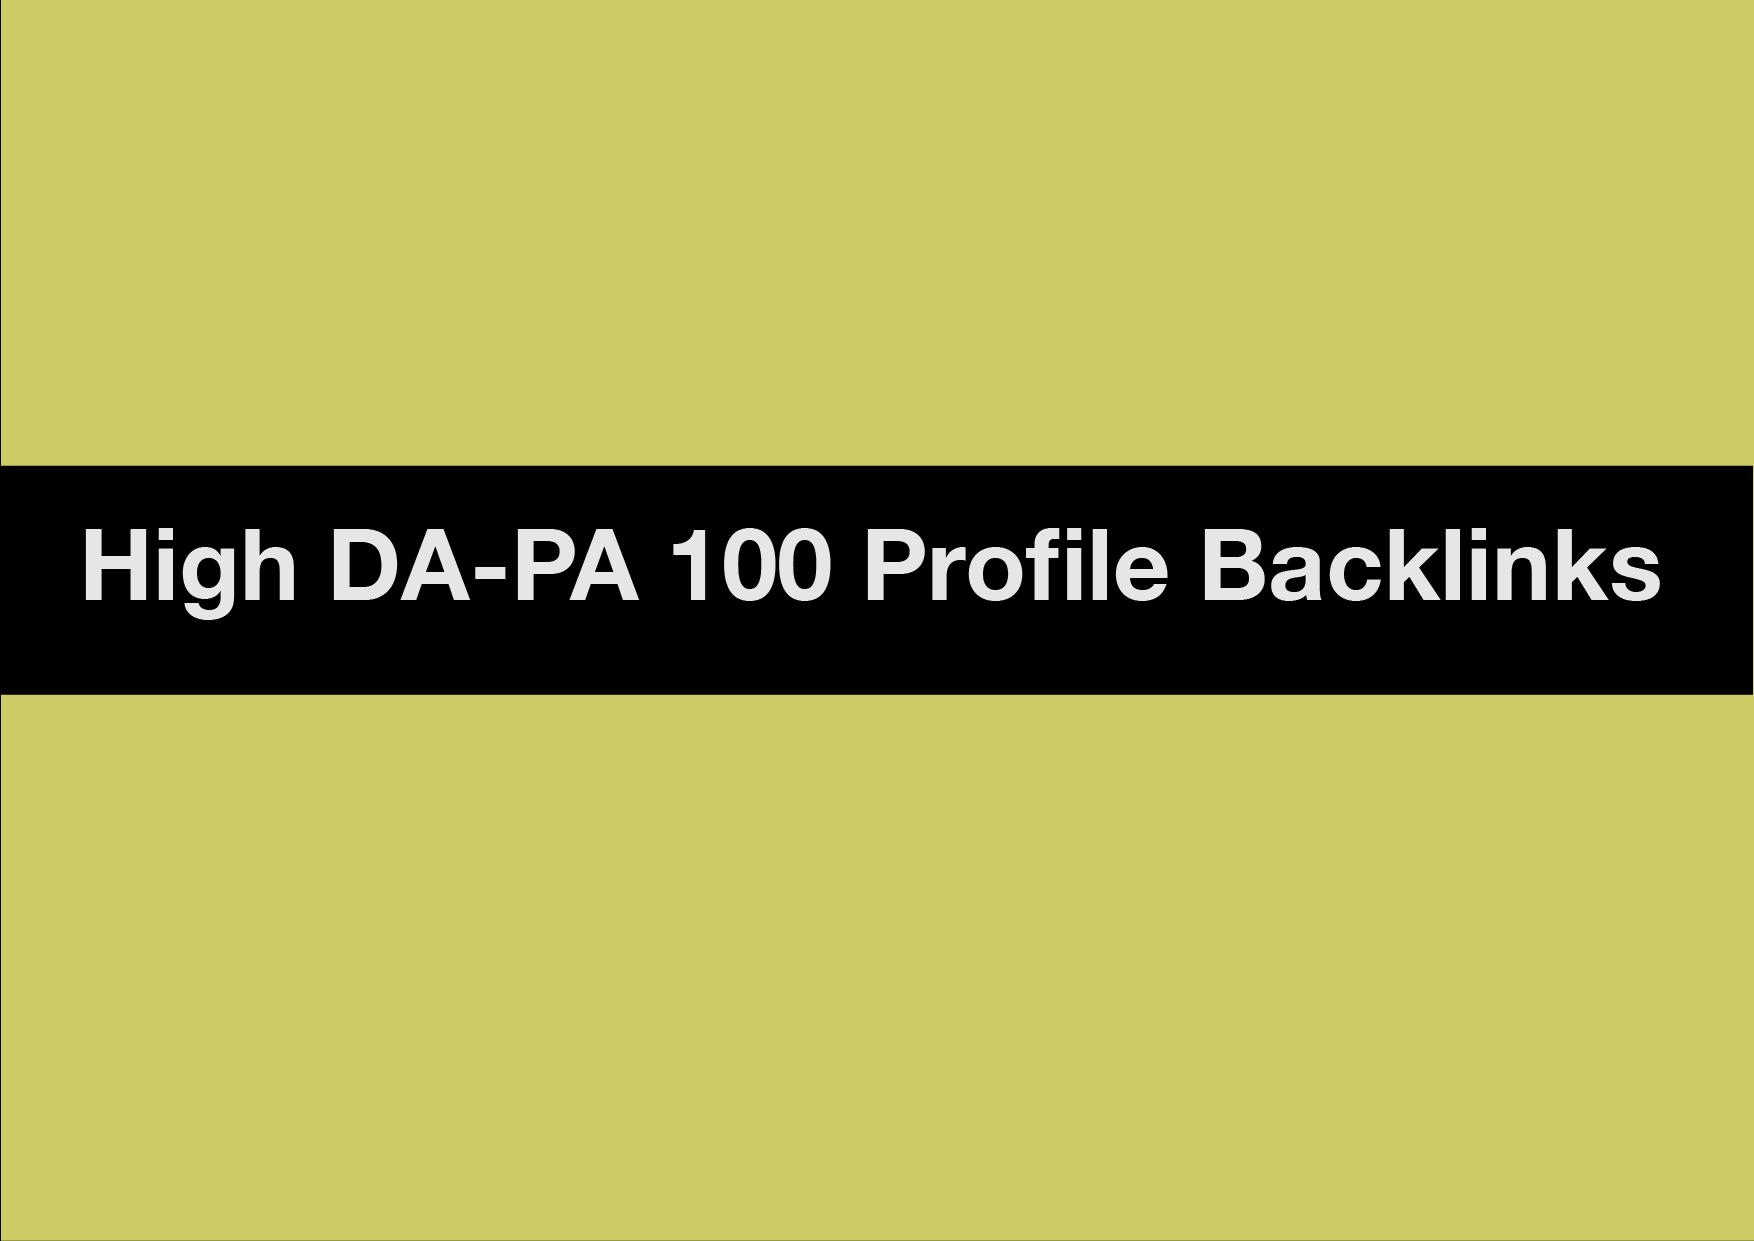 Profile Backlinks High DA-PA 10